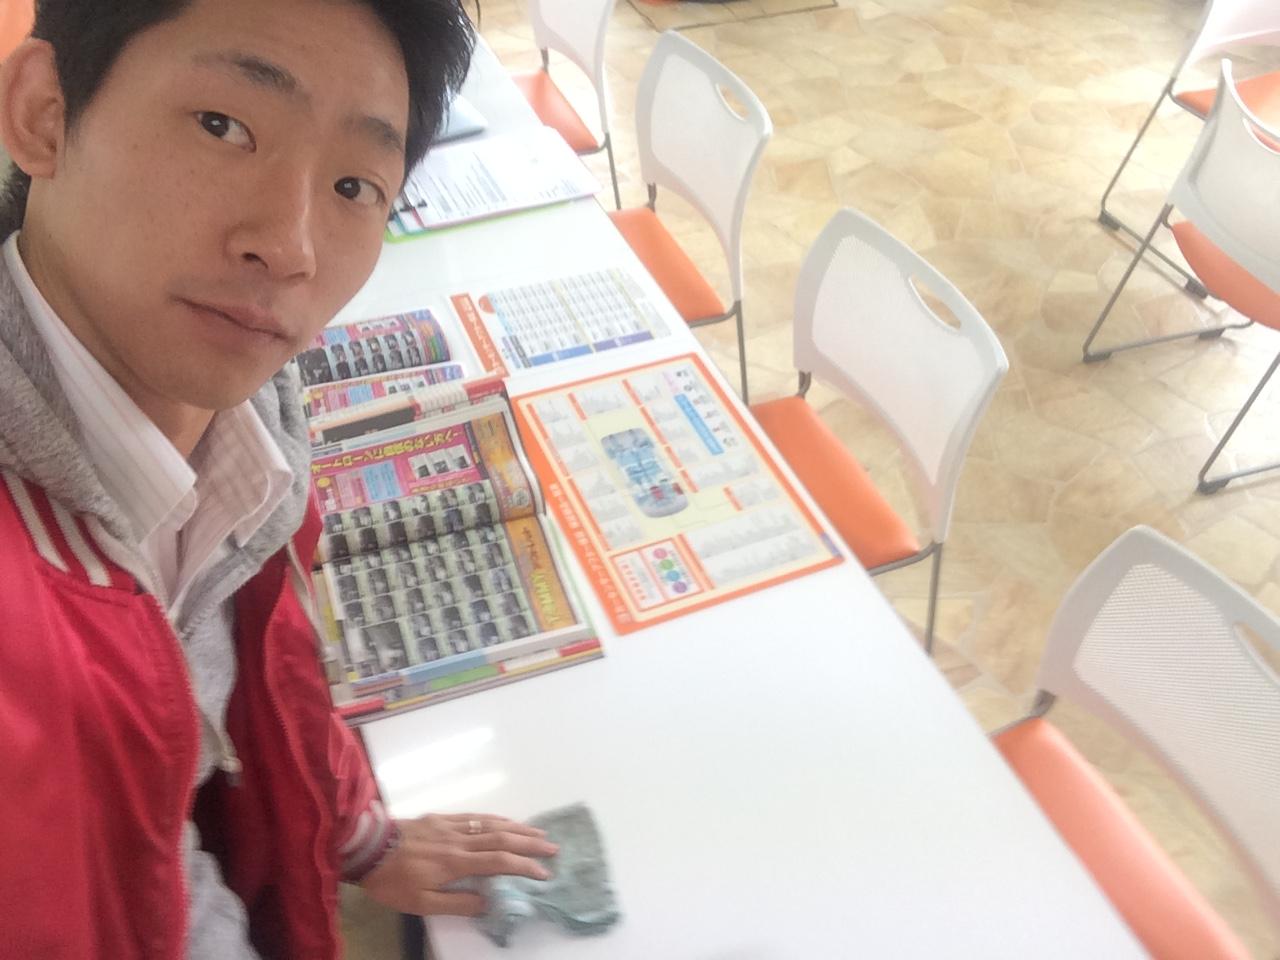 5月16日(土)今日のアウトレット☆M様プロボックス納車!!100万円以下専門店♪♪_b0127002_1893511.jpg